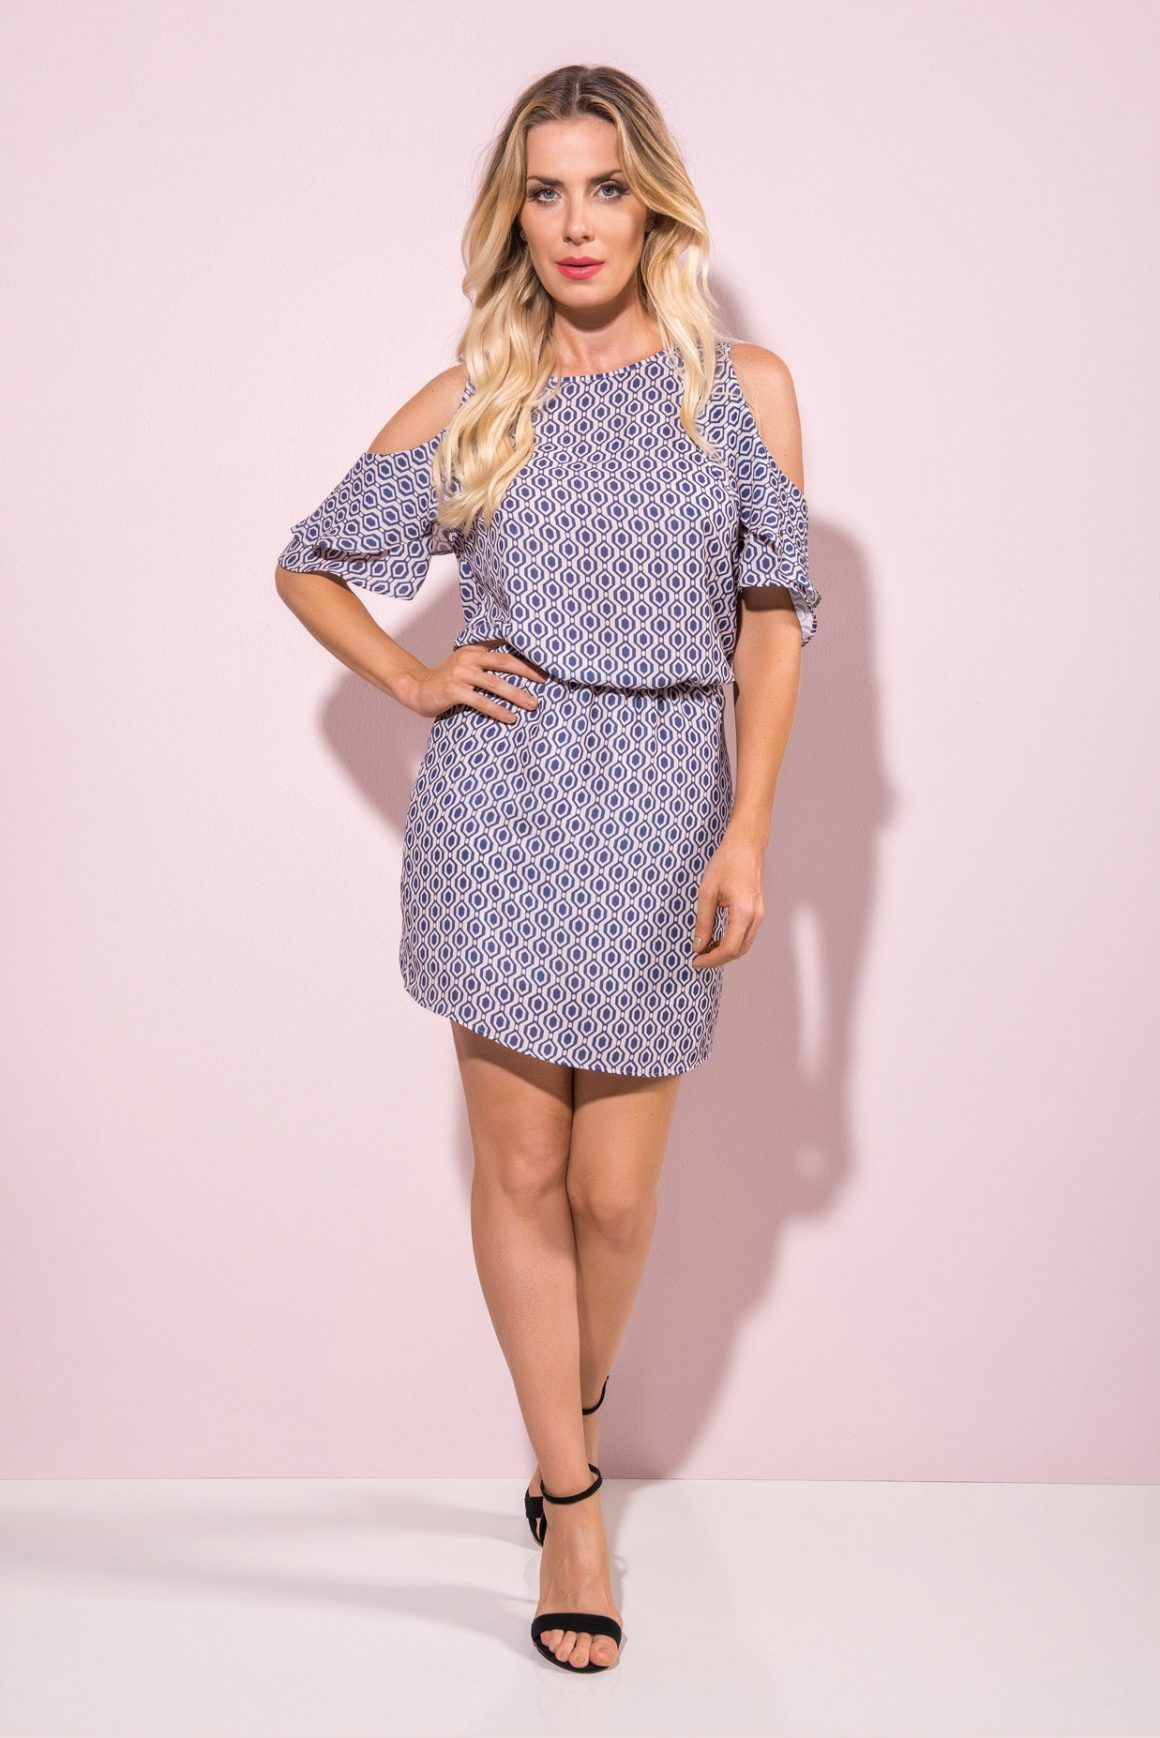 aa9d78dd8 PKS uma marca de roupa feminina com os últimos lançamentos e tendências da  moda! Compre